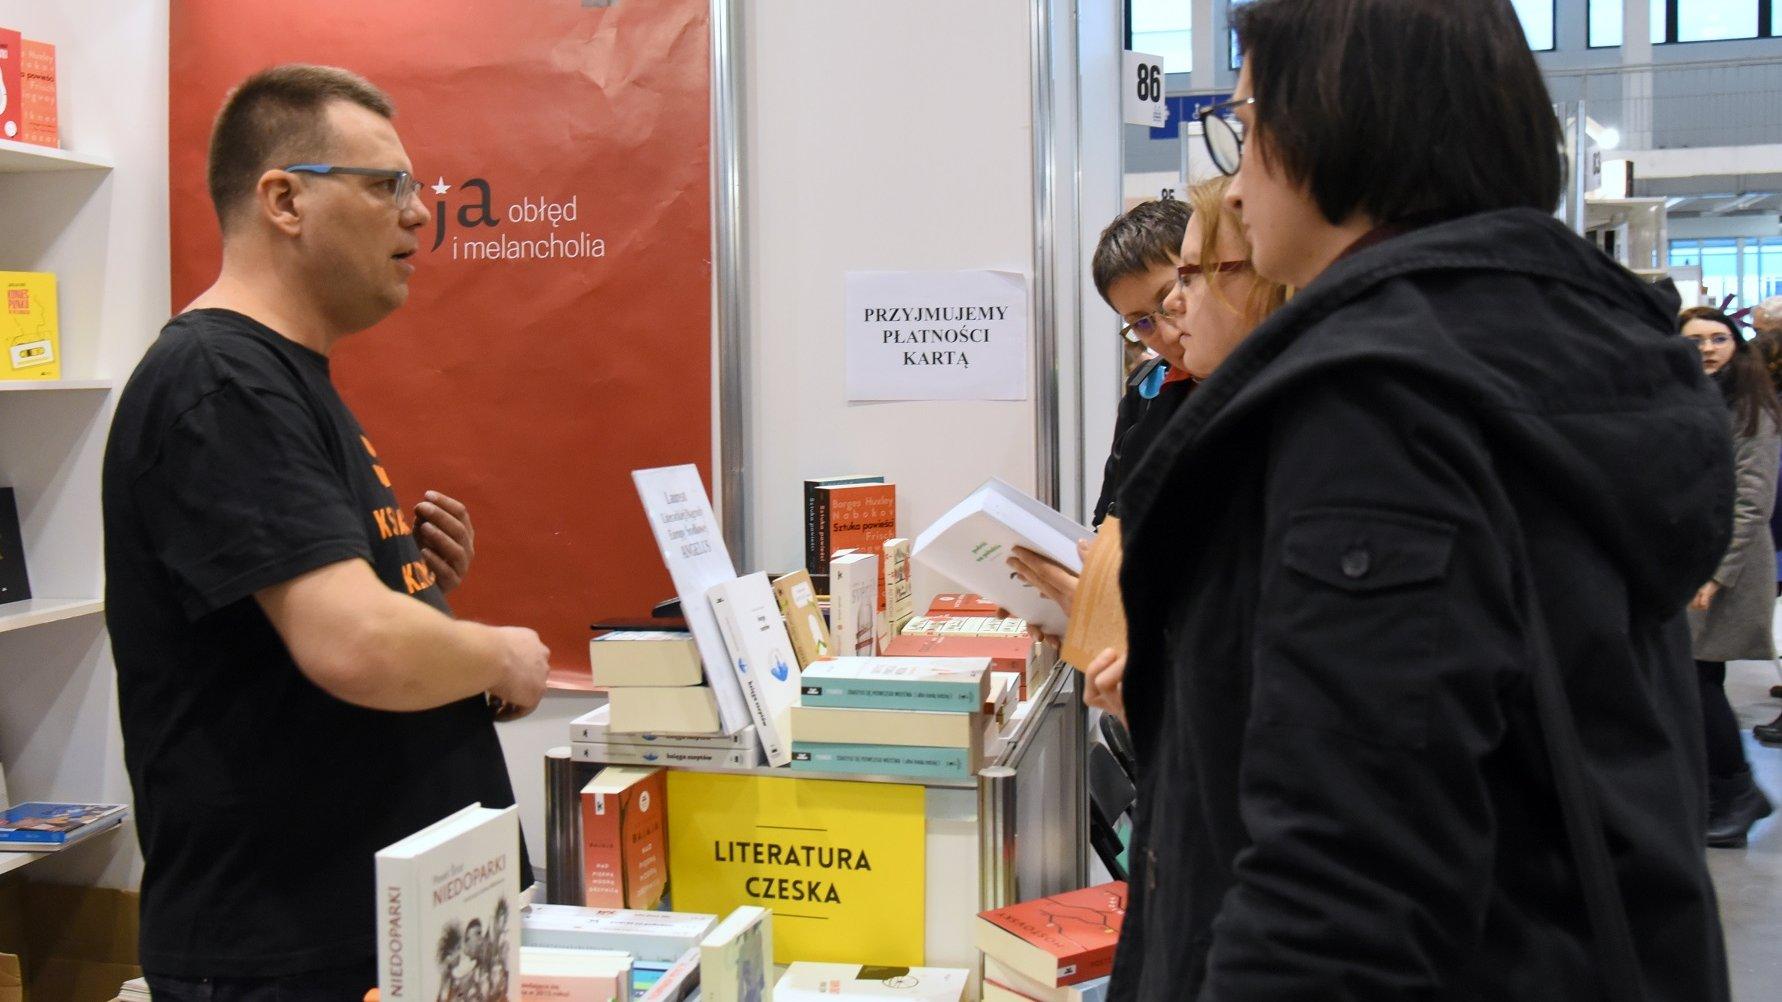 8758dc4ba363f7 Targi książki w nowej formule - Aktualności - Info - Poznan.pl